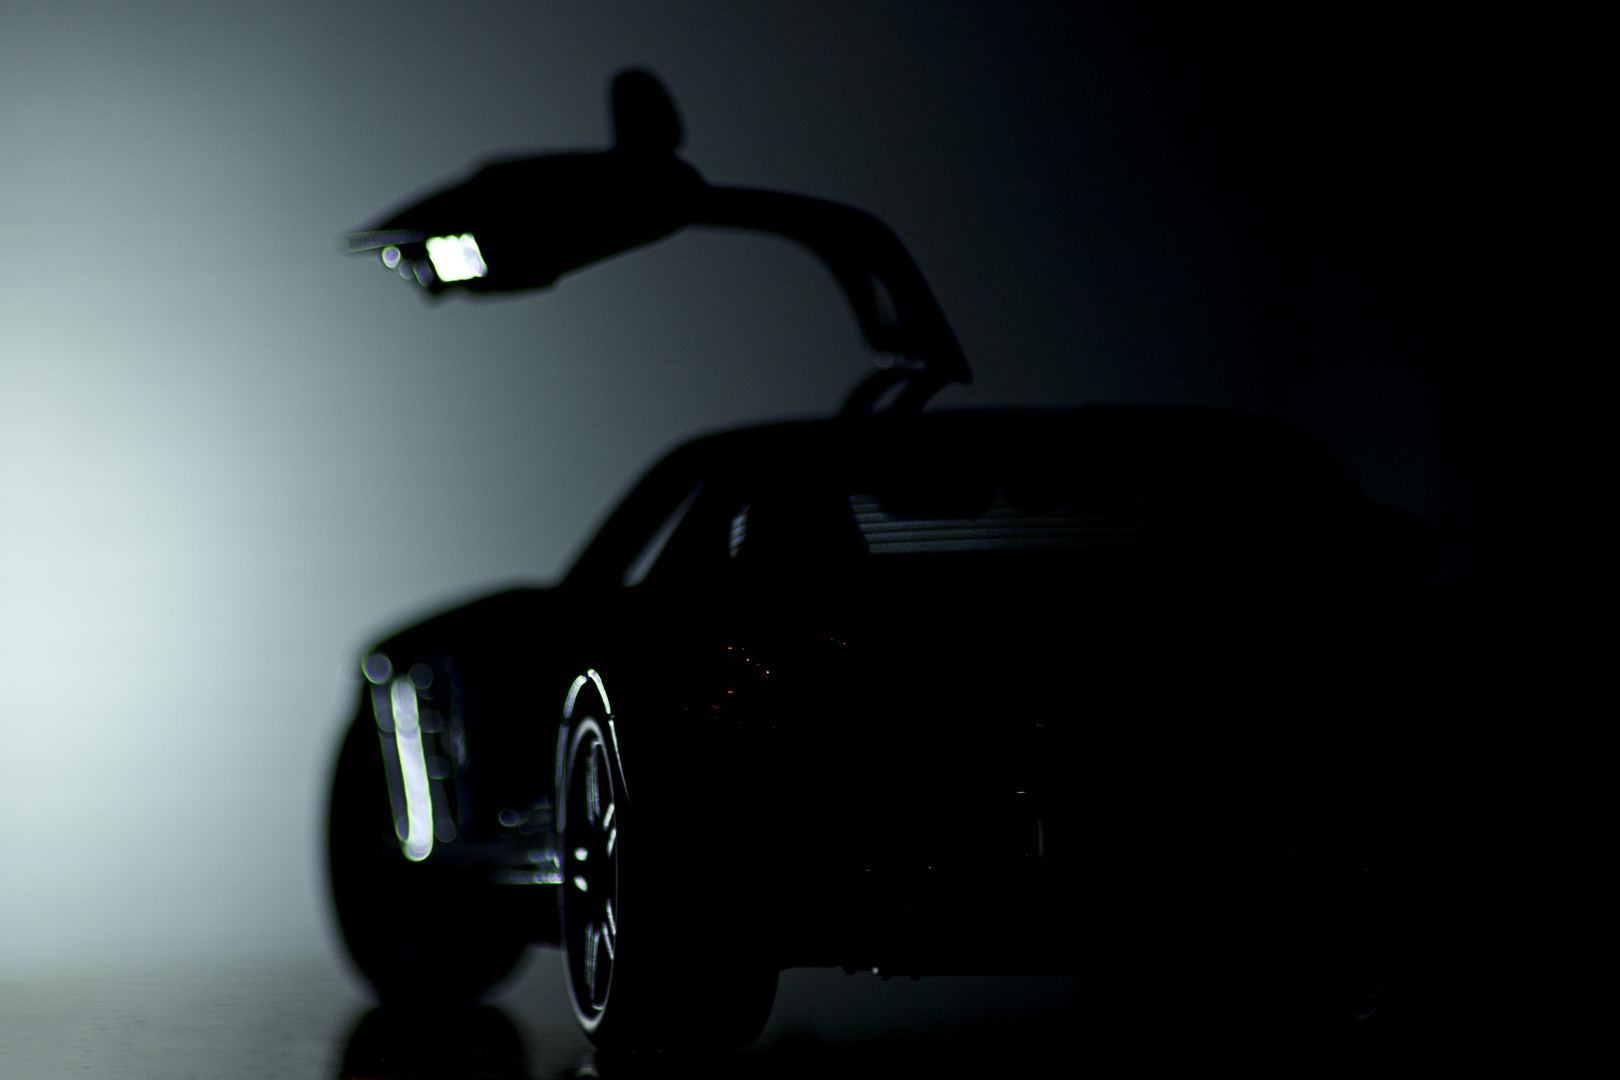 Mercedes SLS AMG Modellauto